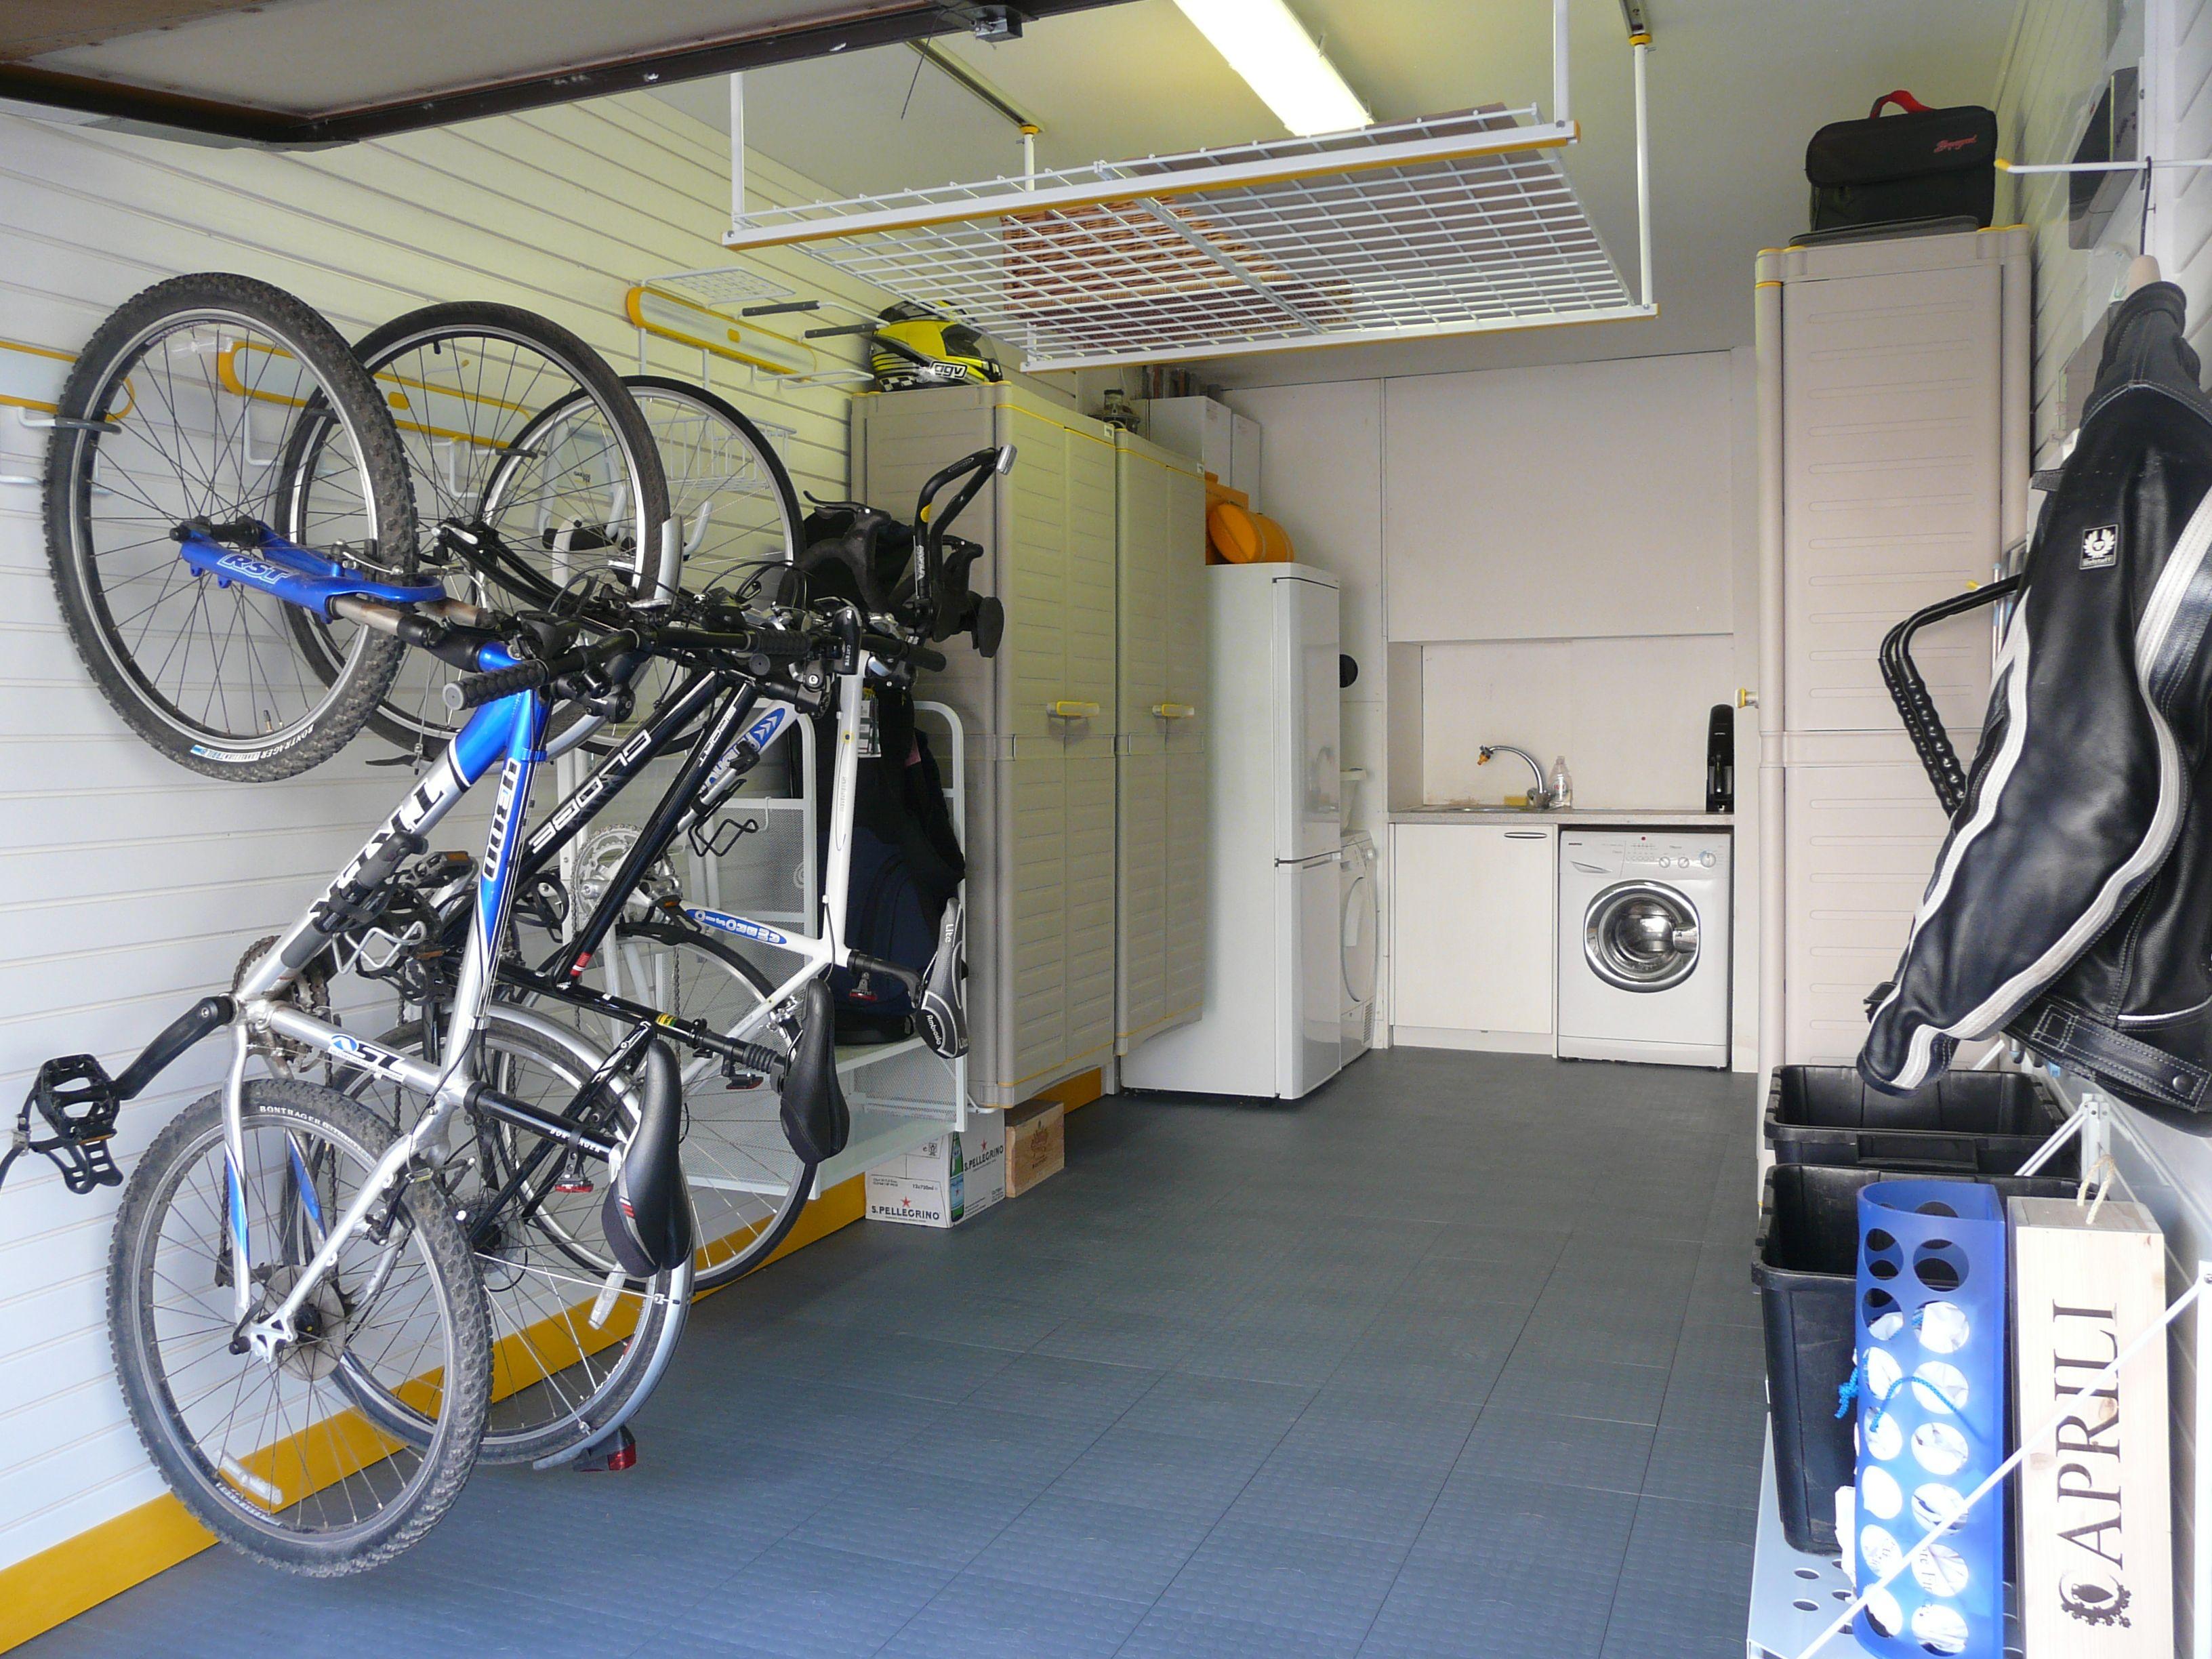 jacksonville shelving neptune ideas for racks ez gallery bike solutions beach rack garage